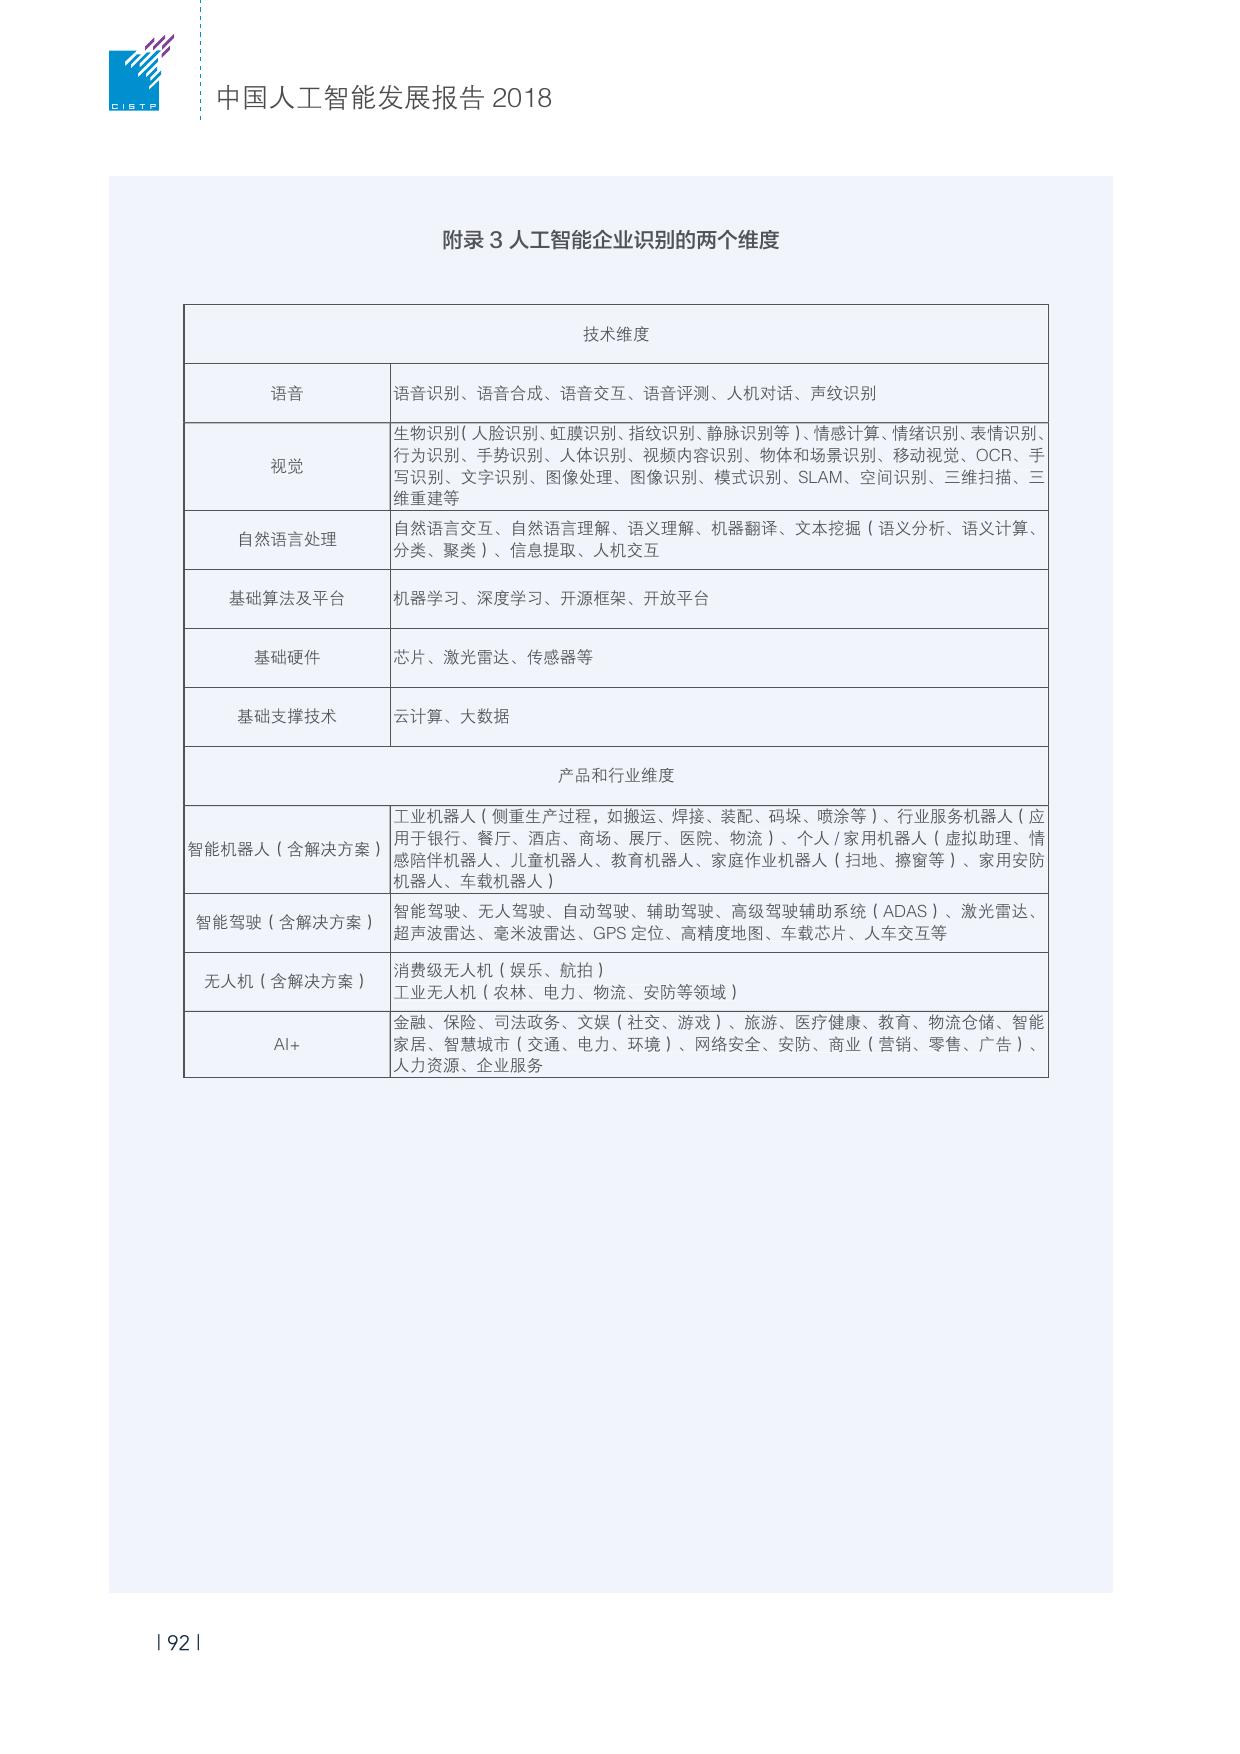 清华大学:《2018中国人工智能AI发展报告》(全文)